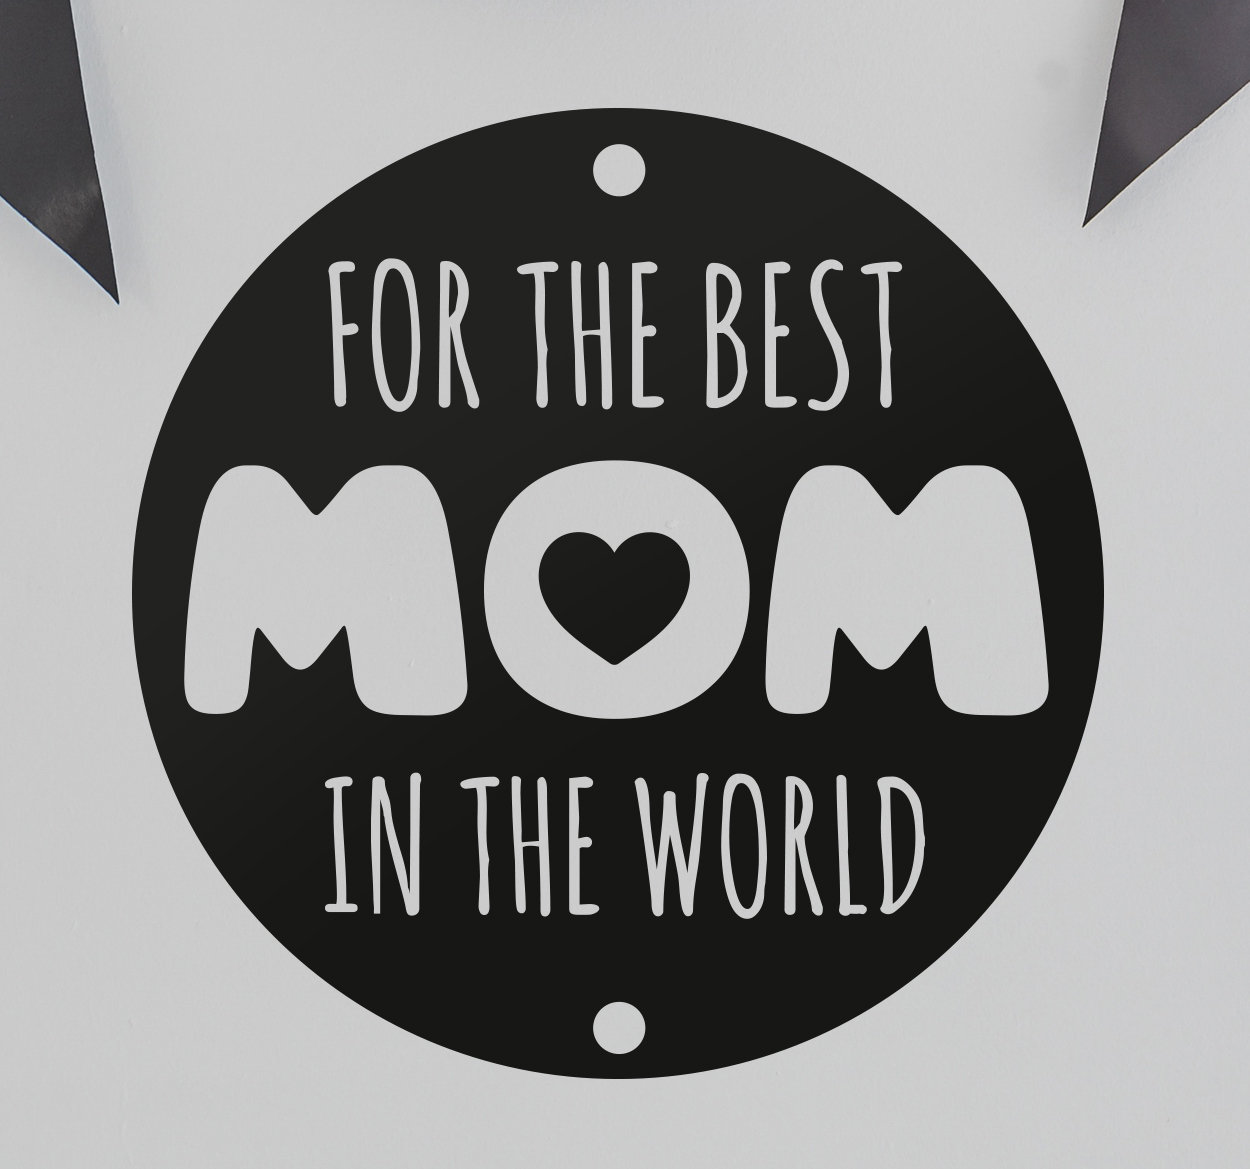 TenStickers. Vinil for the best mom in the world. Vinil decorativo para melhor Mãe do Mundo. Surpreende a tua mãe com este fantástico vinil autocolante de qualidade e por um preço atrativo.